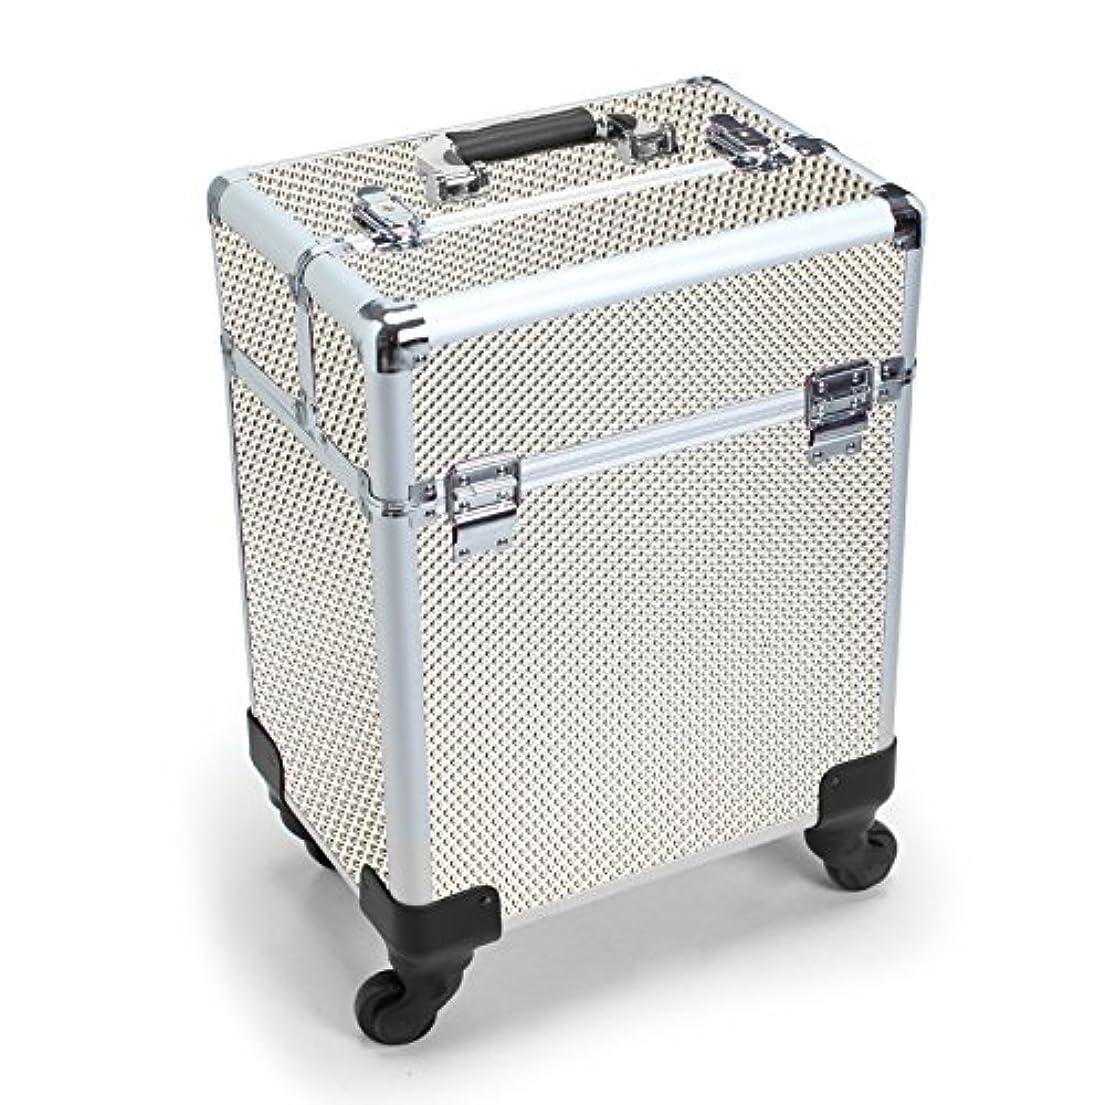 開発田舎共和党MCTECH キャリーケース レバー式 メイクボックス 美容師用 スーツケース型 化粧品 プロ用 薬箱 救急箱 収納 キャスター付き カギ付き 超大型メイクケース ジルバー